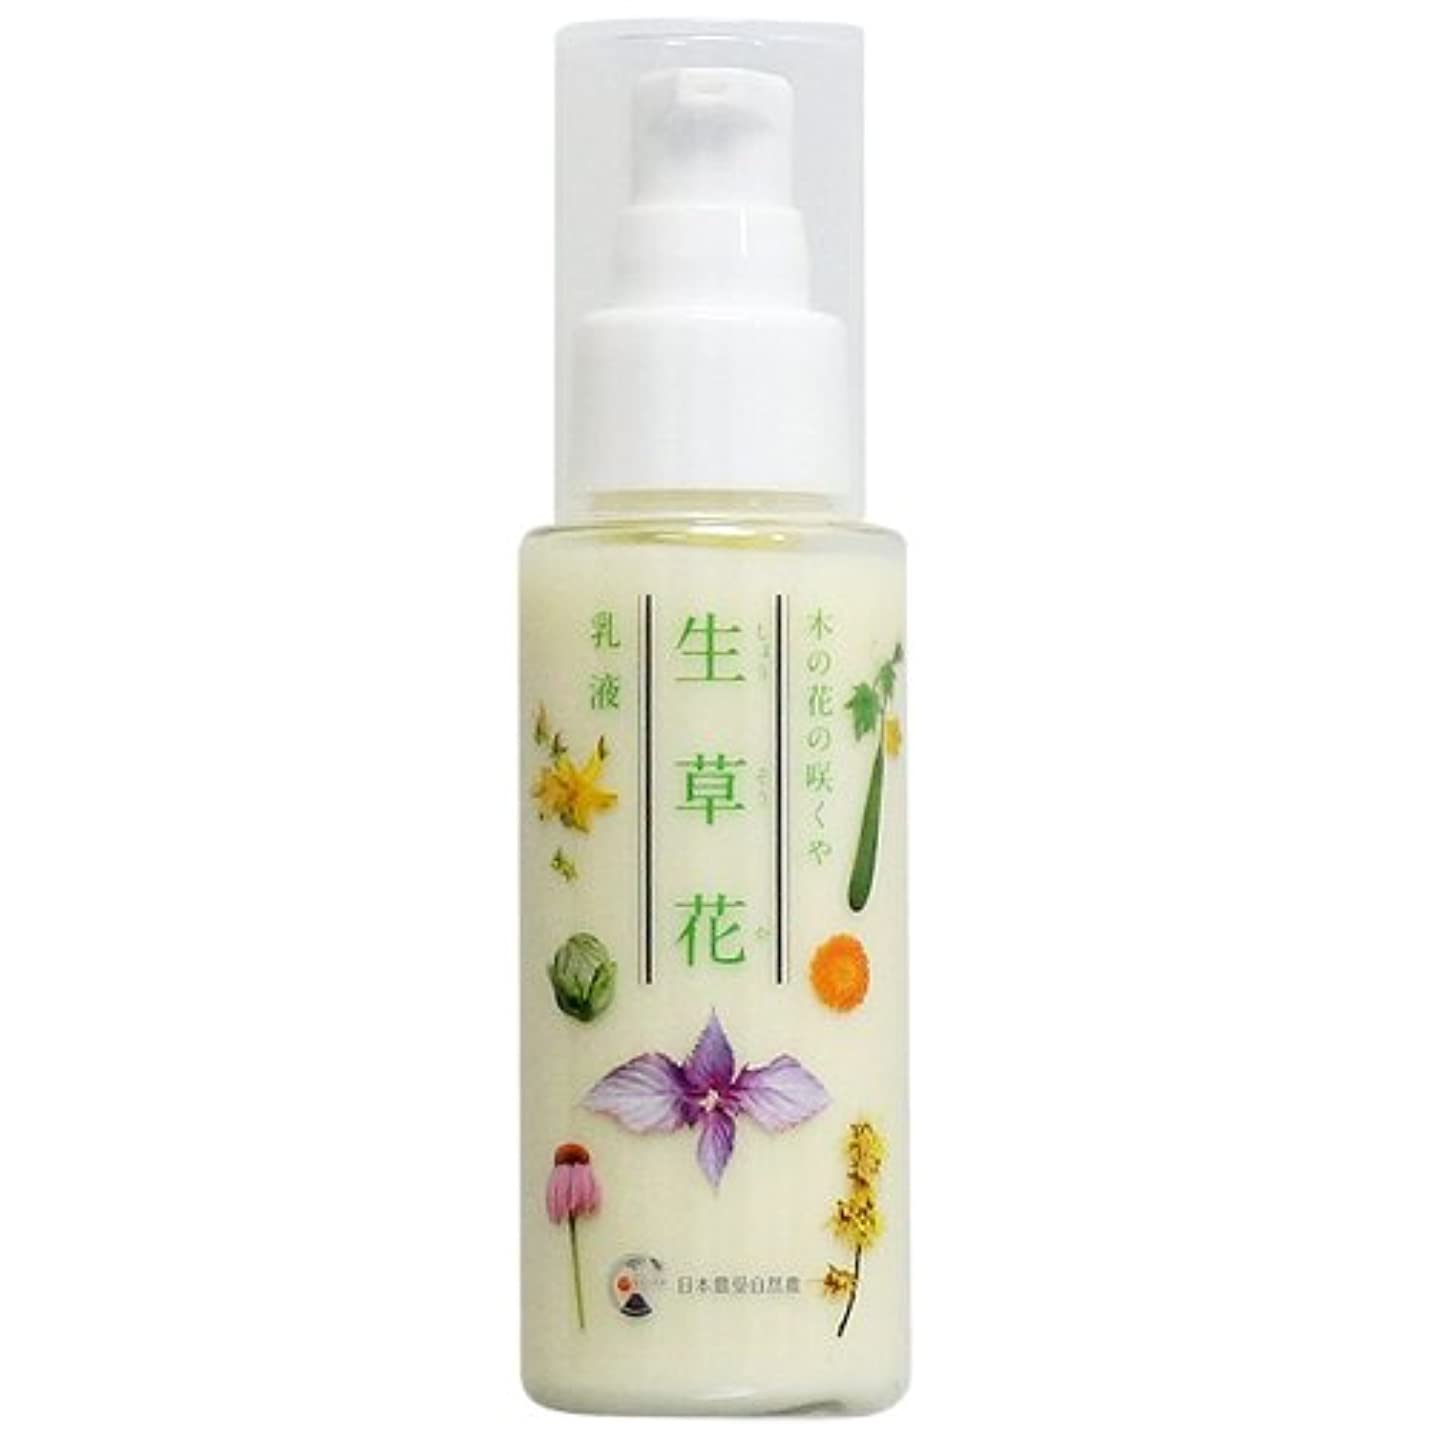 非難する薬を飲む初期の日本豊受自然農 木の花の咲くや 生草花 乳液 80ml